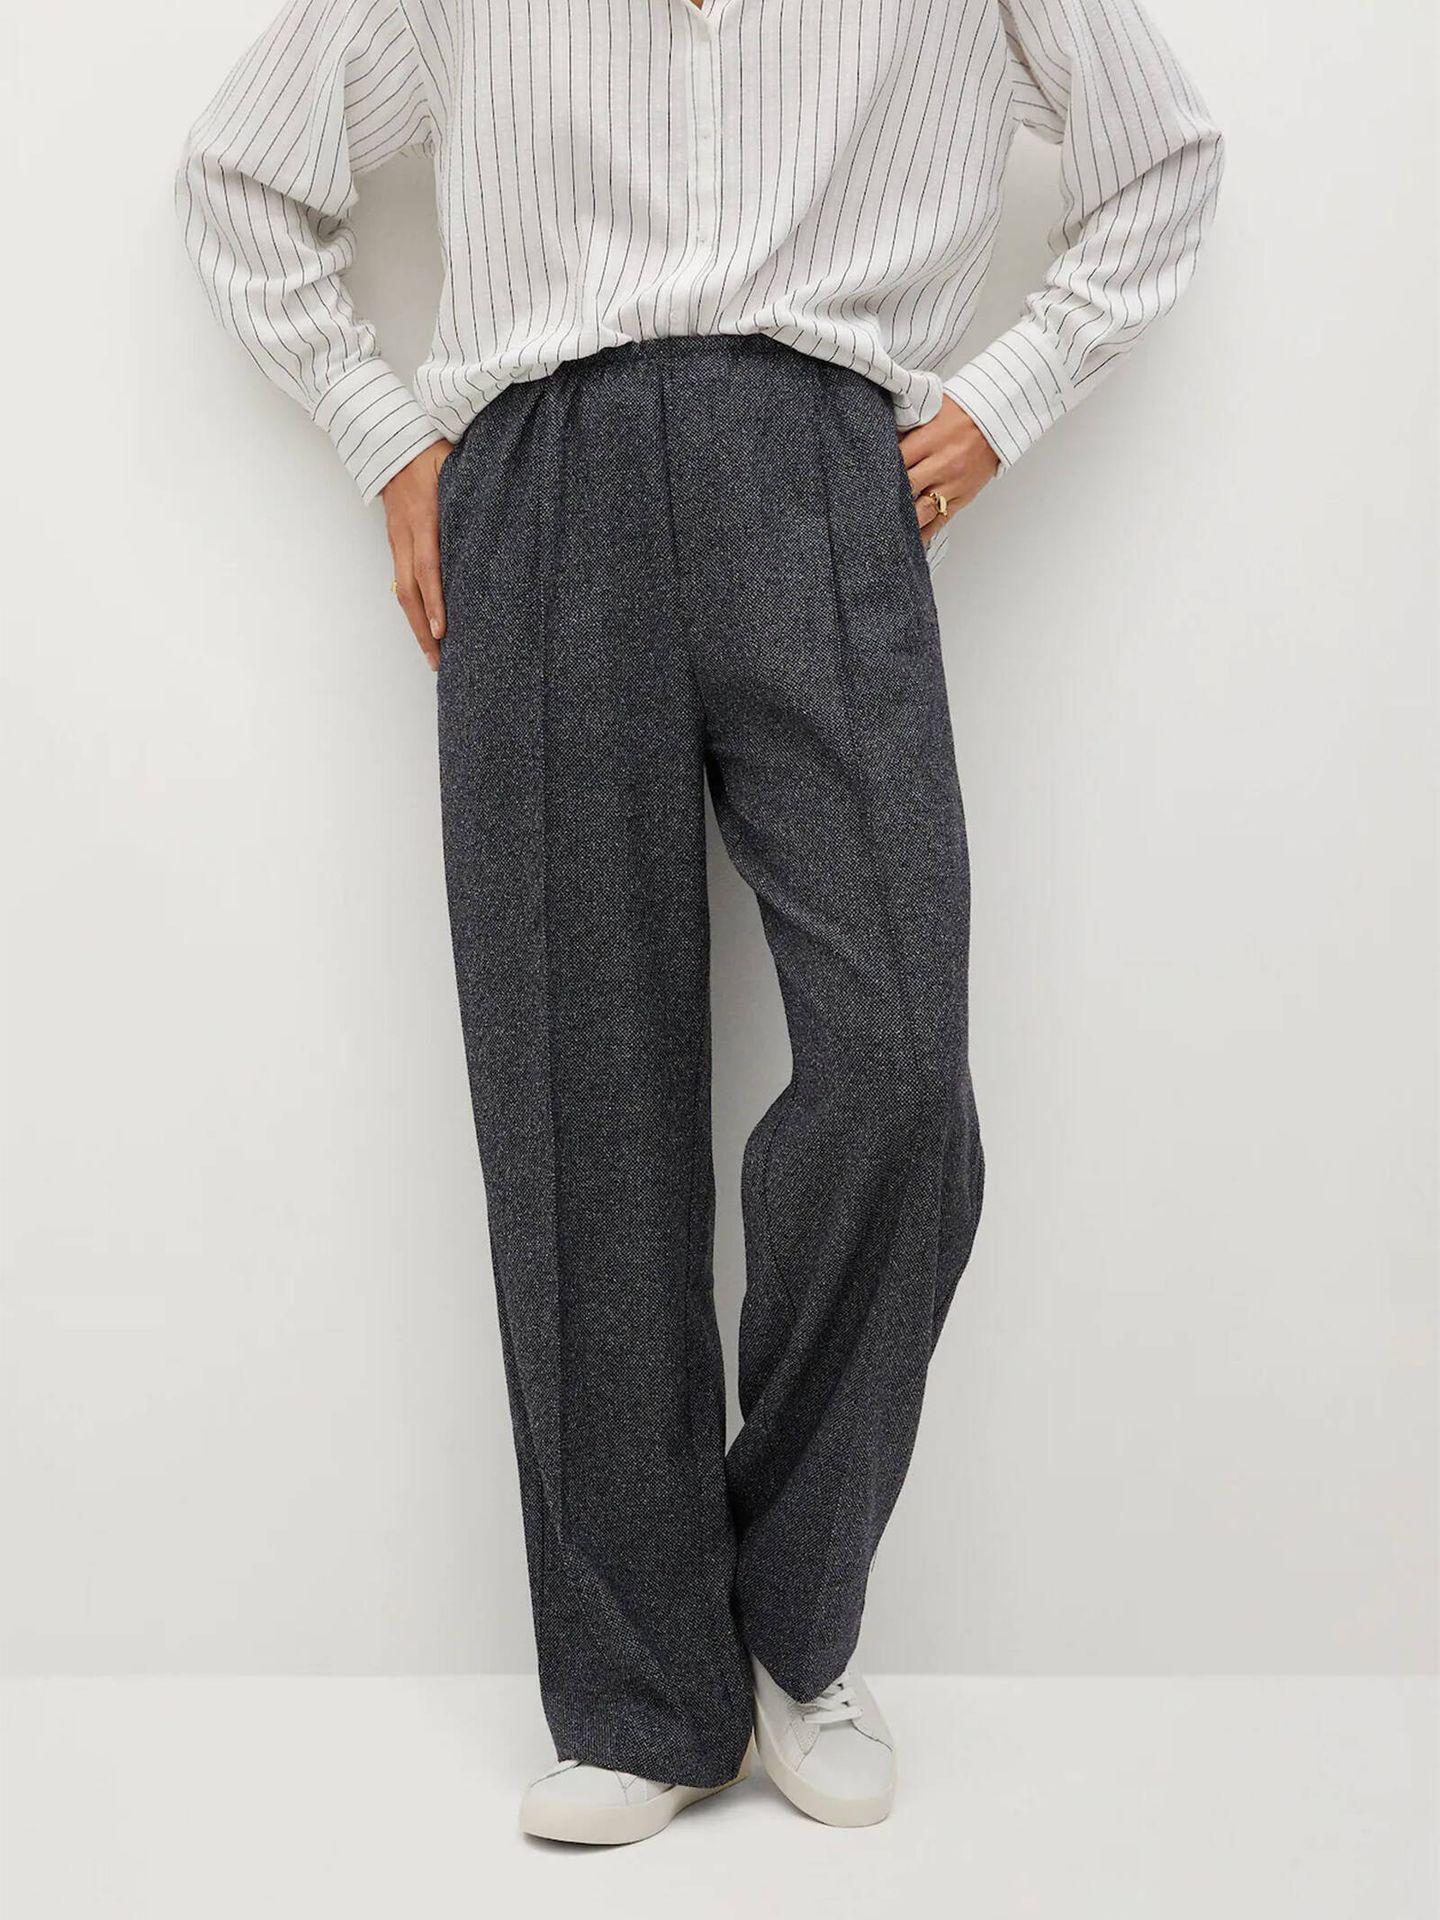 Mango Outlet vende un pantalón de vestir ideal para ir al trabajo y absolutamente cómodo. (Cortesía)